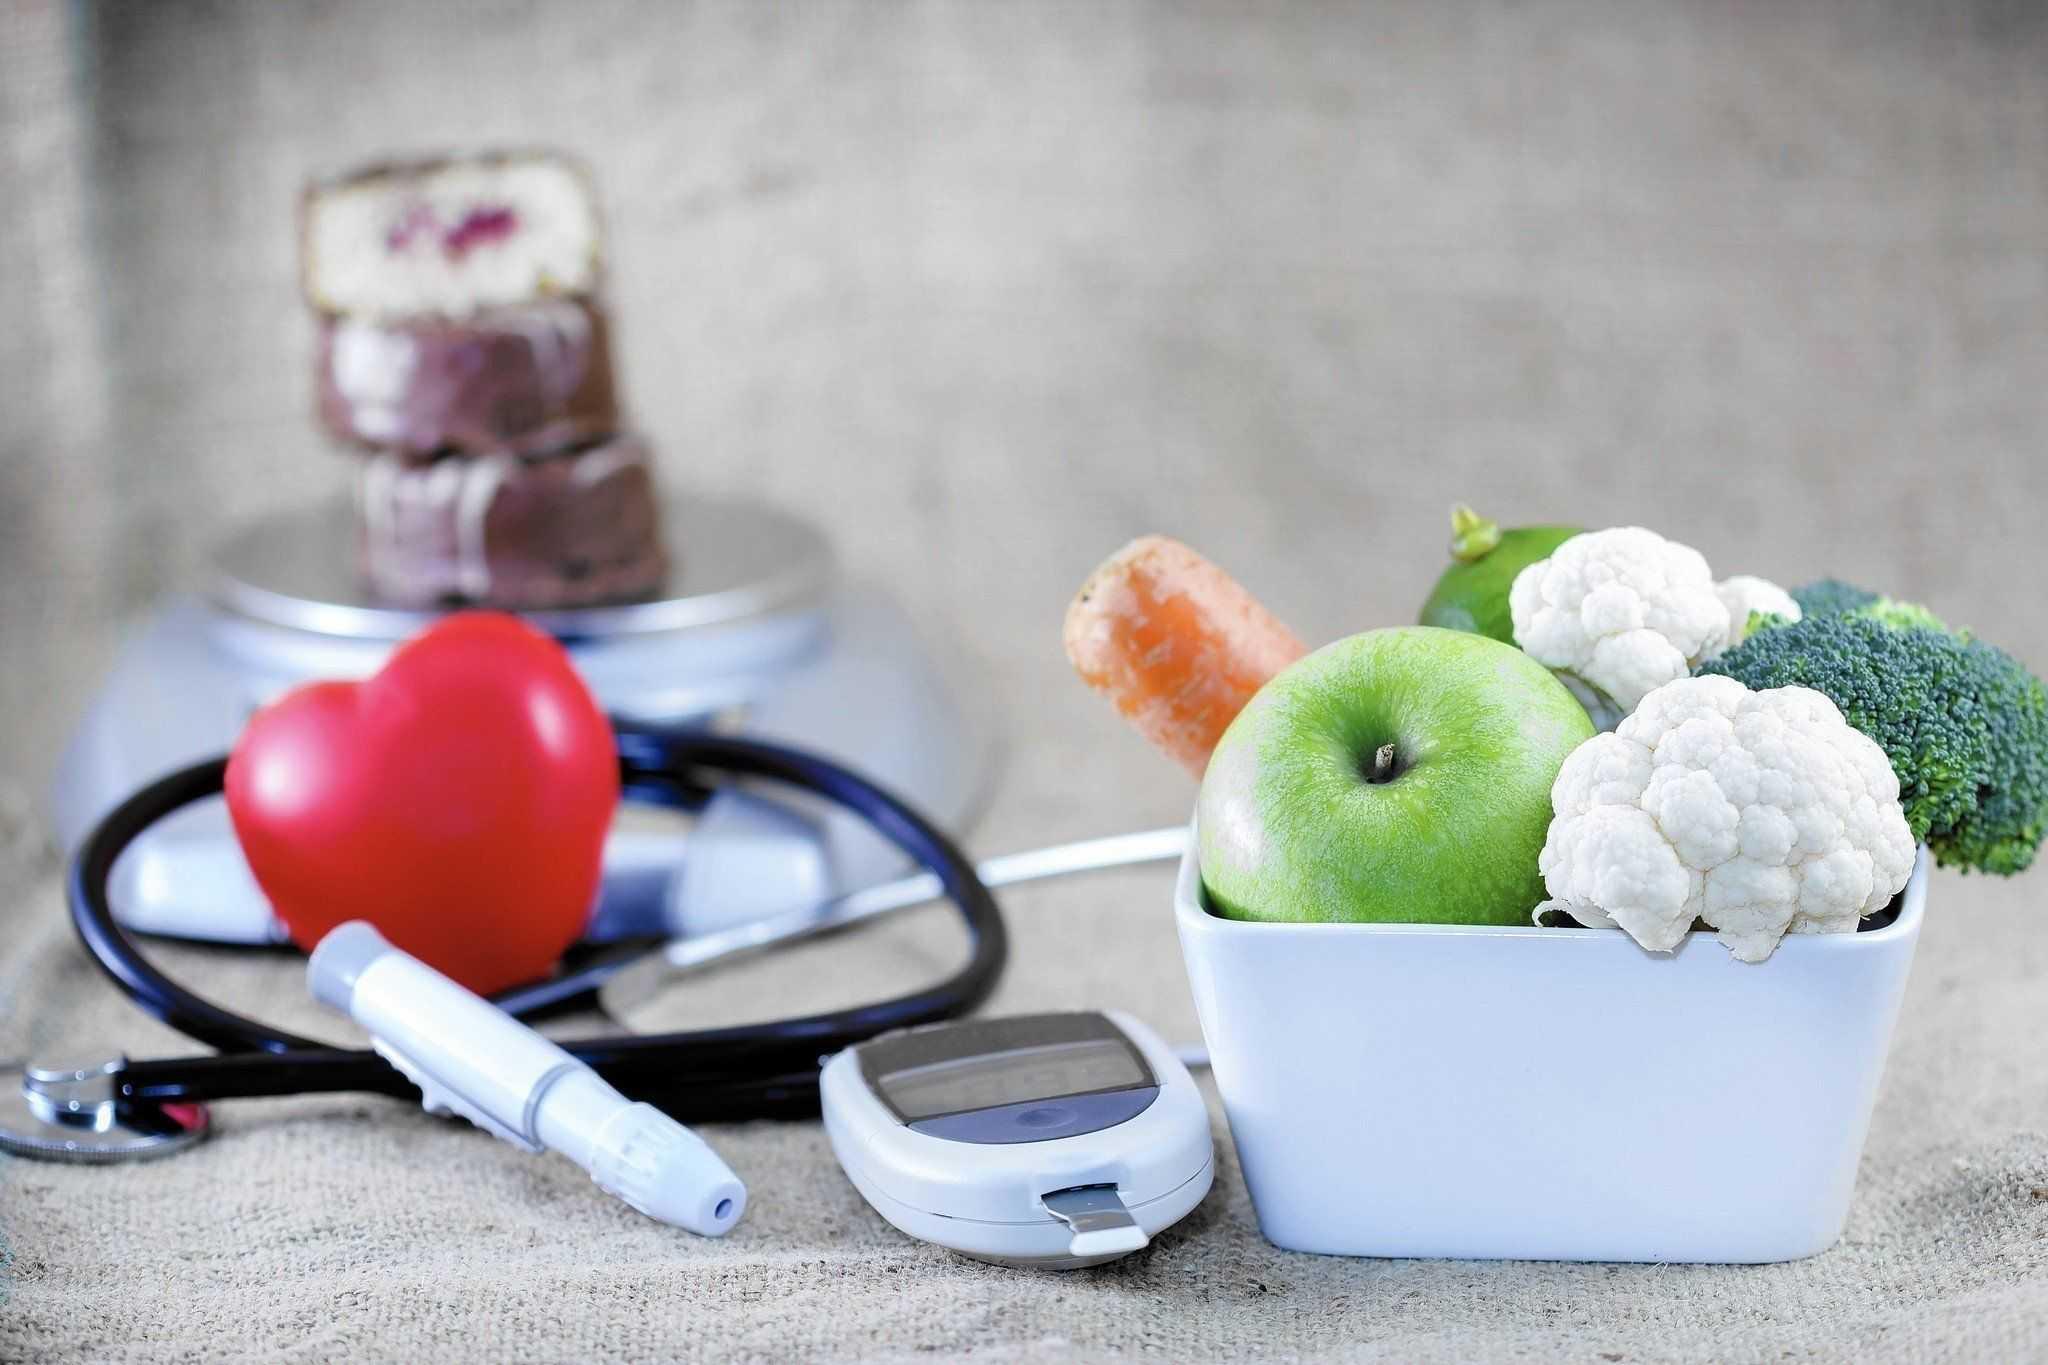 измерение глюкозы перед едой